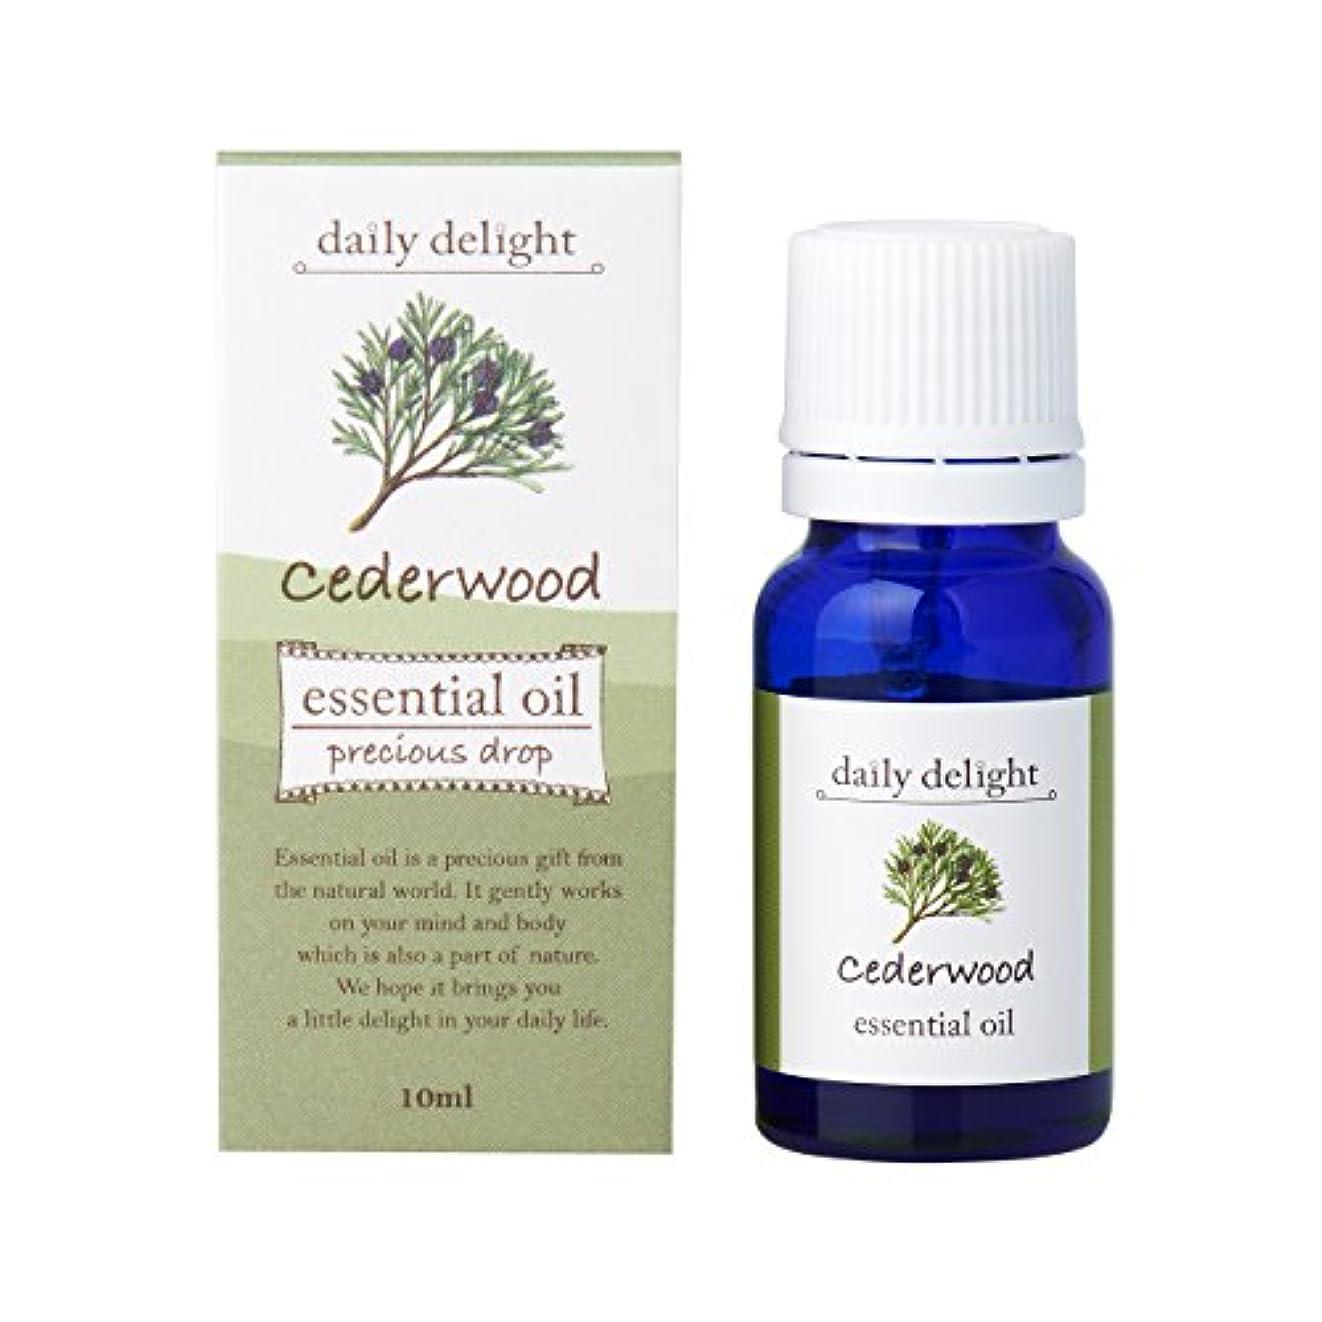 投資する間欠比較的デイリーディライト エッセンシャルオイル シダーウッド 10ml(天然100% 精油 アロマ 樹木系 温かみのあるやさしい木の香り)